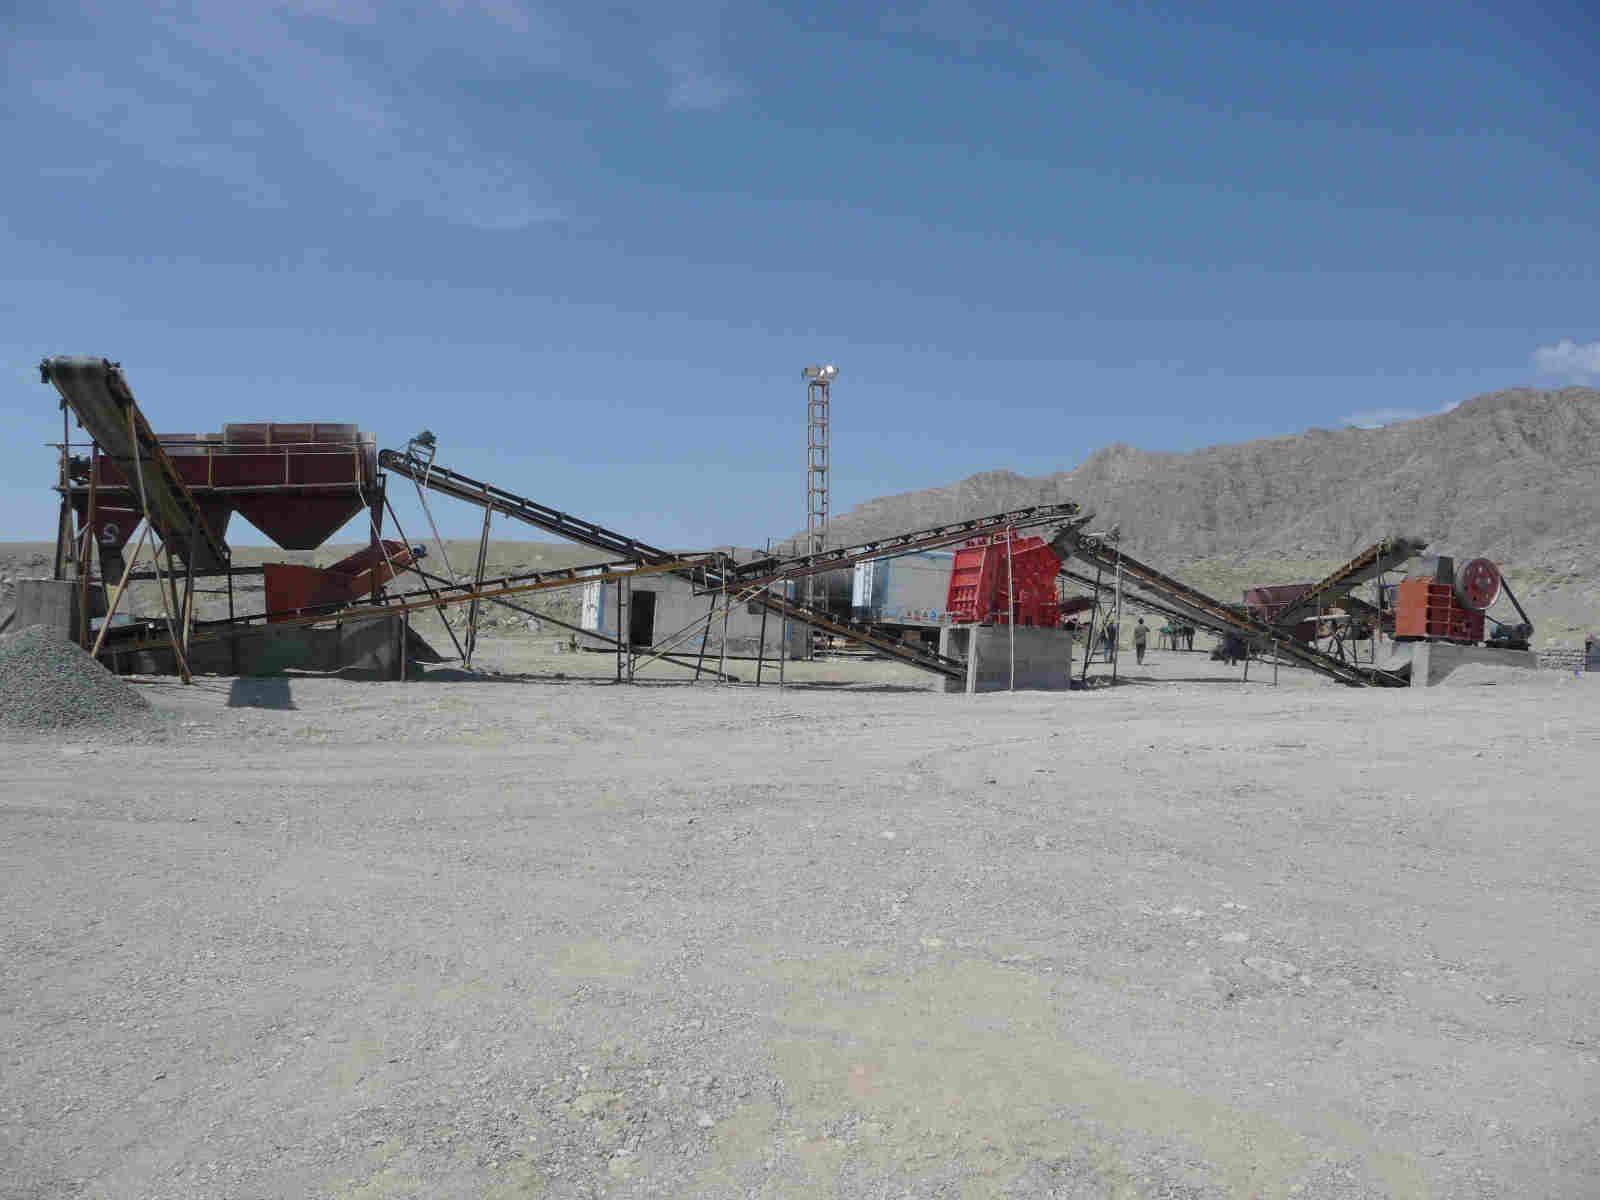 和田矿山机械生产厂家_恒鑫机械制造供应厂家直销的新疆矿山机械